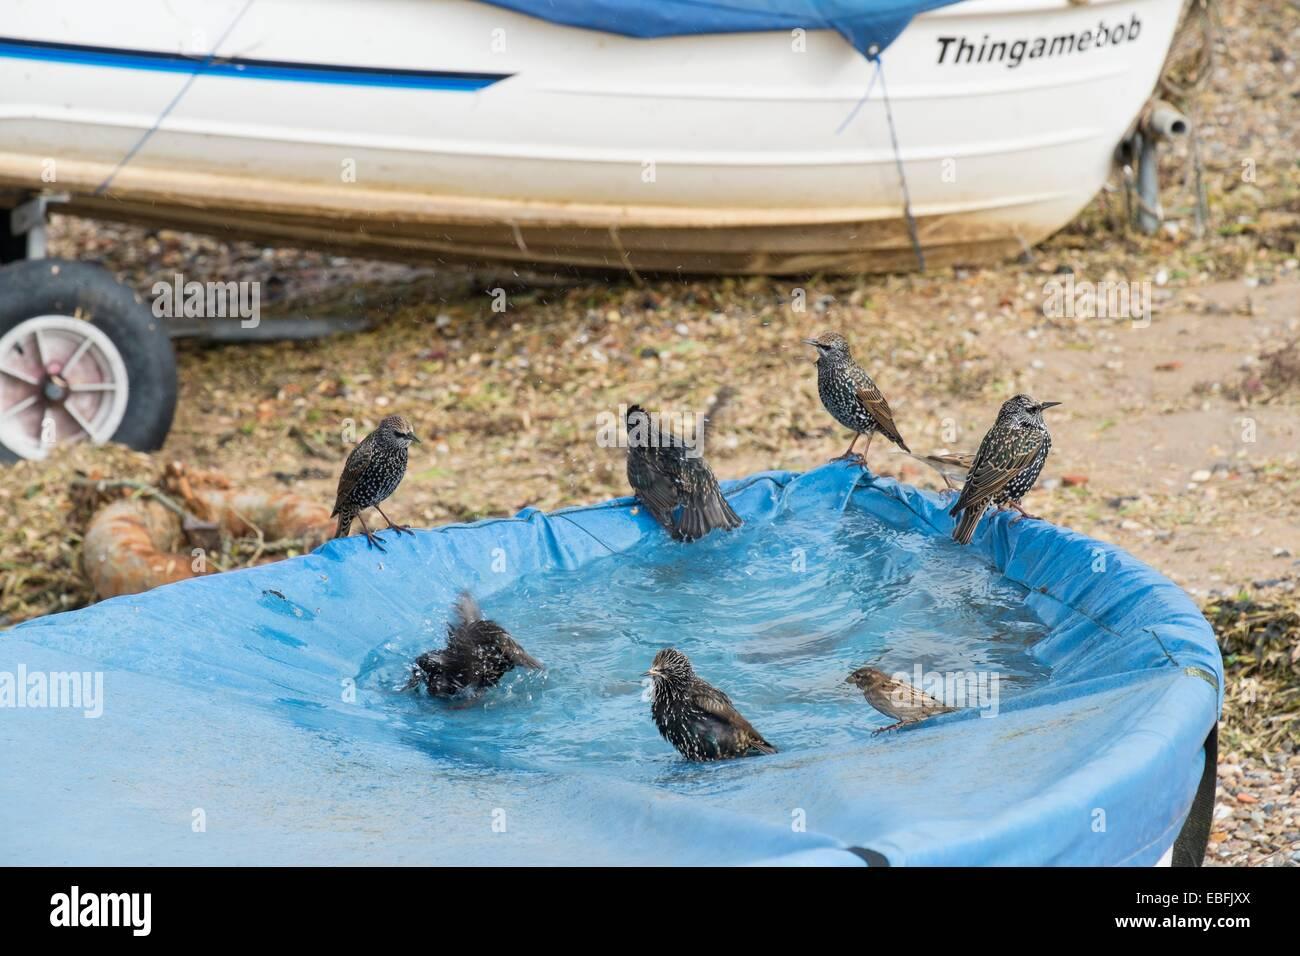 Étourneau sansonnet Sturnus vulgaris commun- Maison Sparrows-Passer et domesticus, baignade dans l'eau Photo Stock